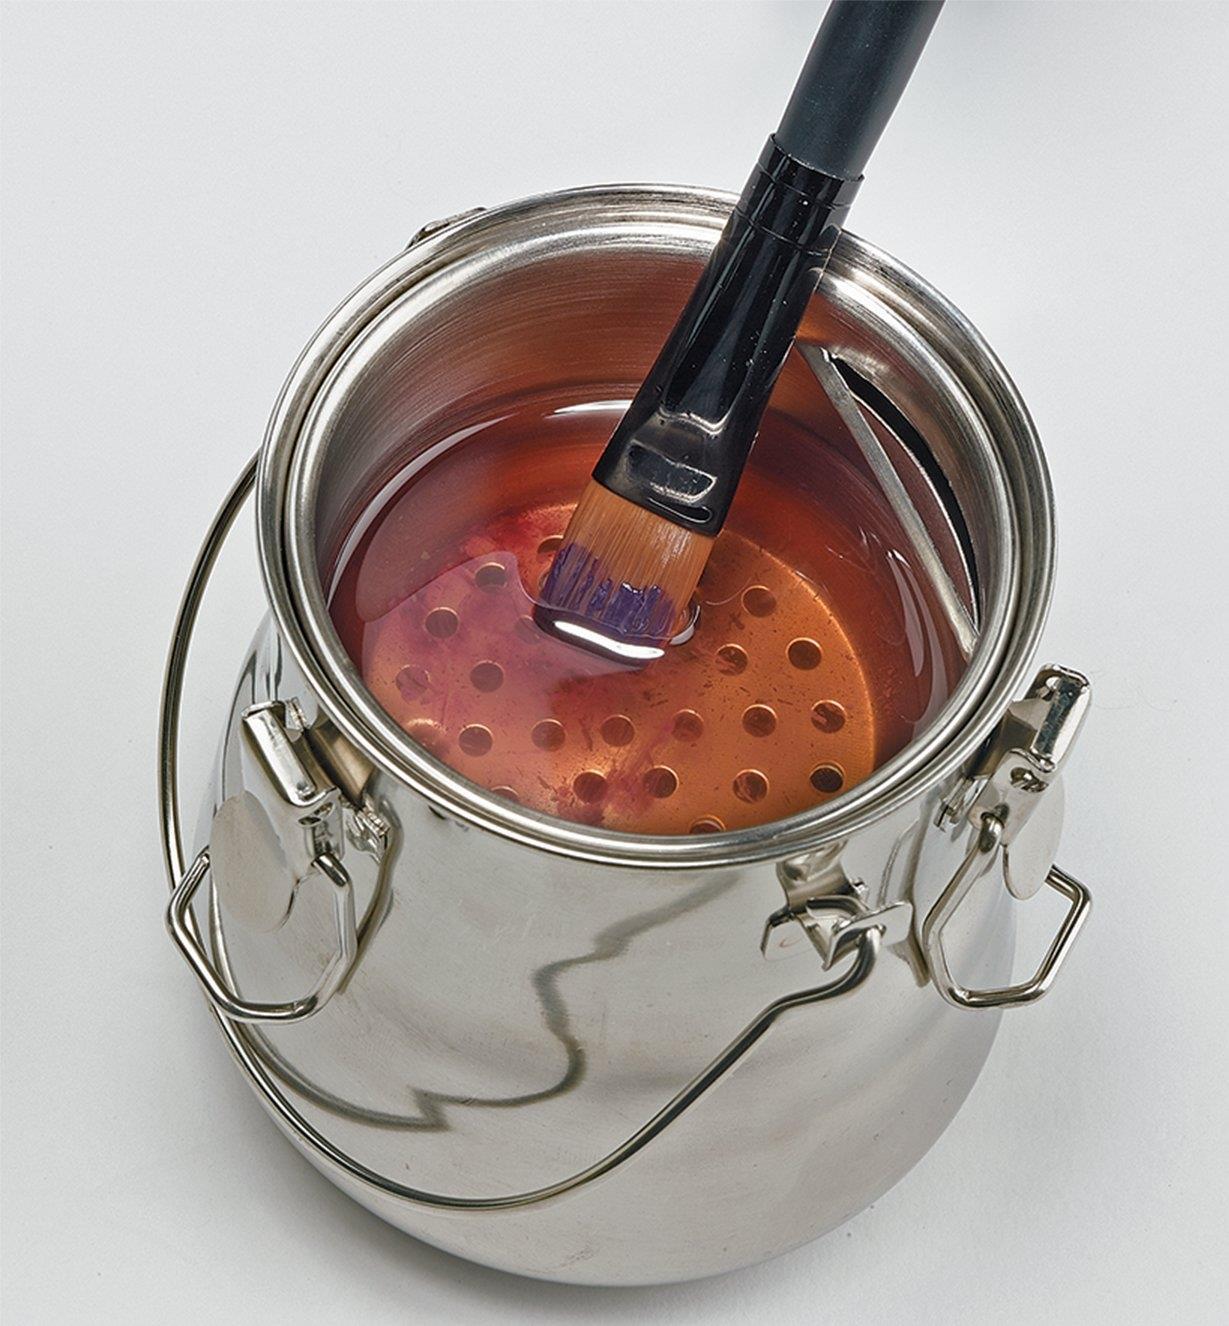 Pinceau d'artiste trempant dans un pot lave-pinceaux